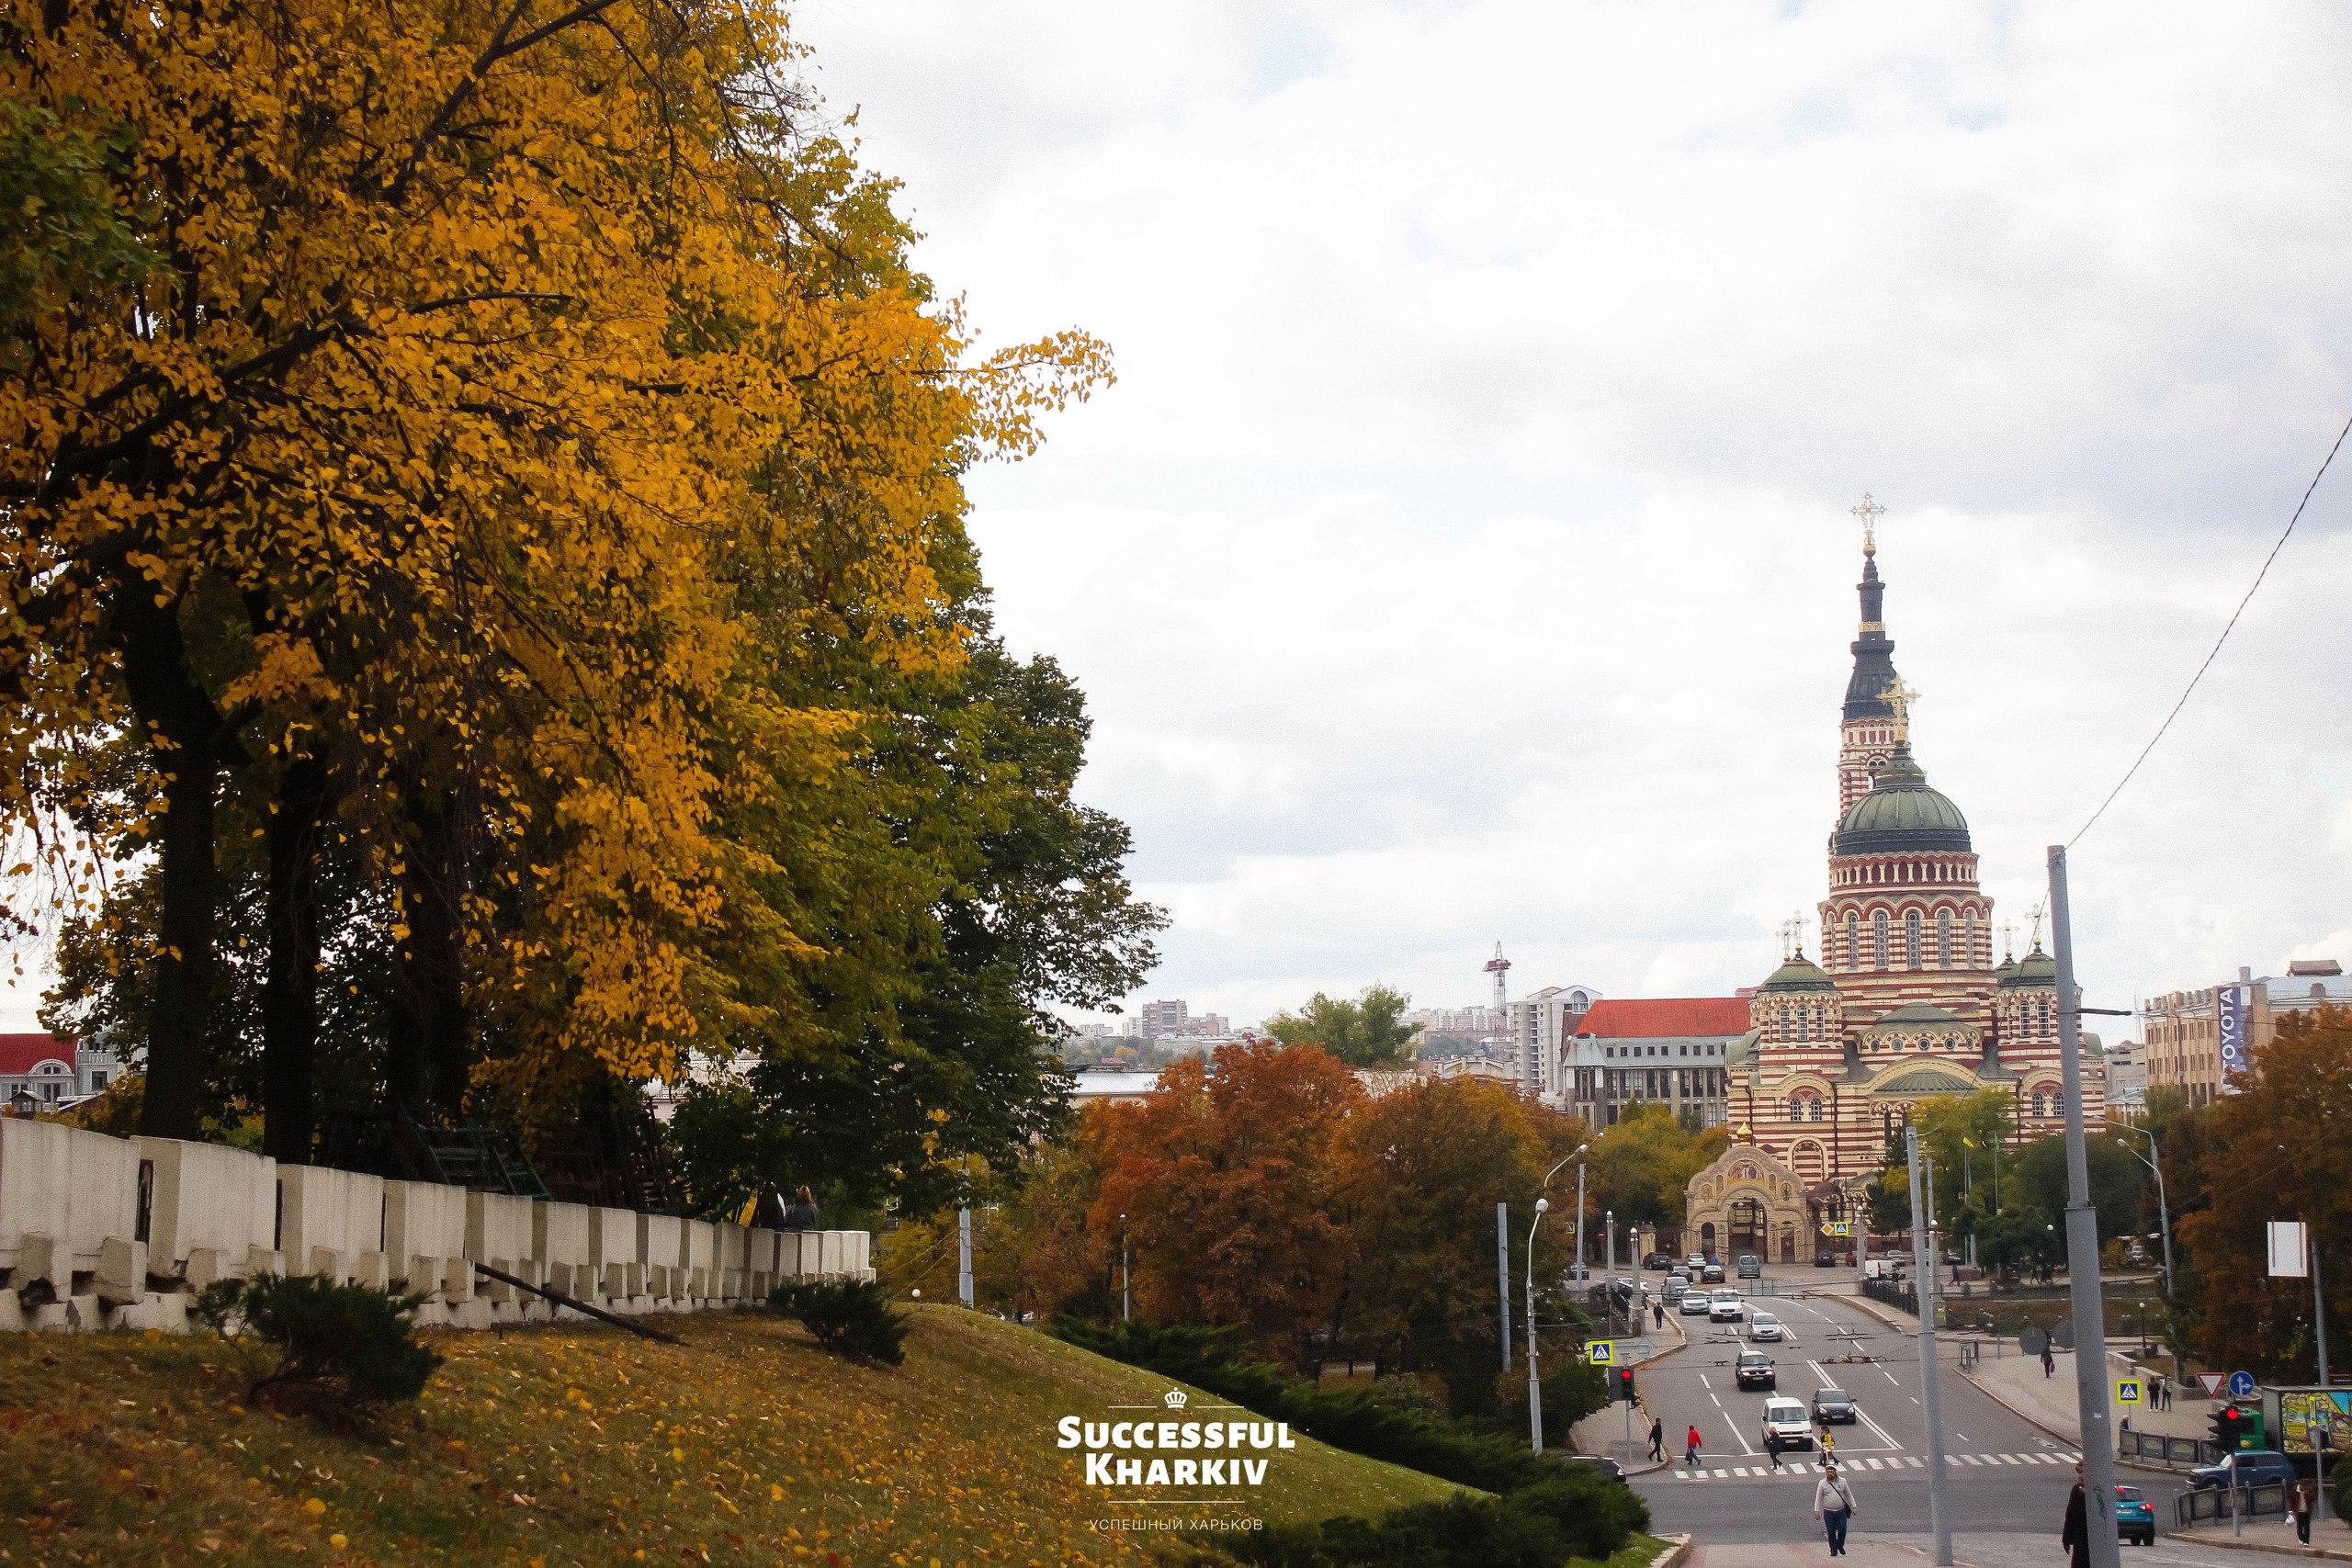 В Харькове появятся новые улицы и переулки